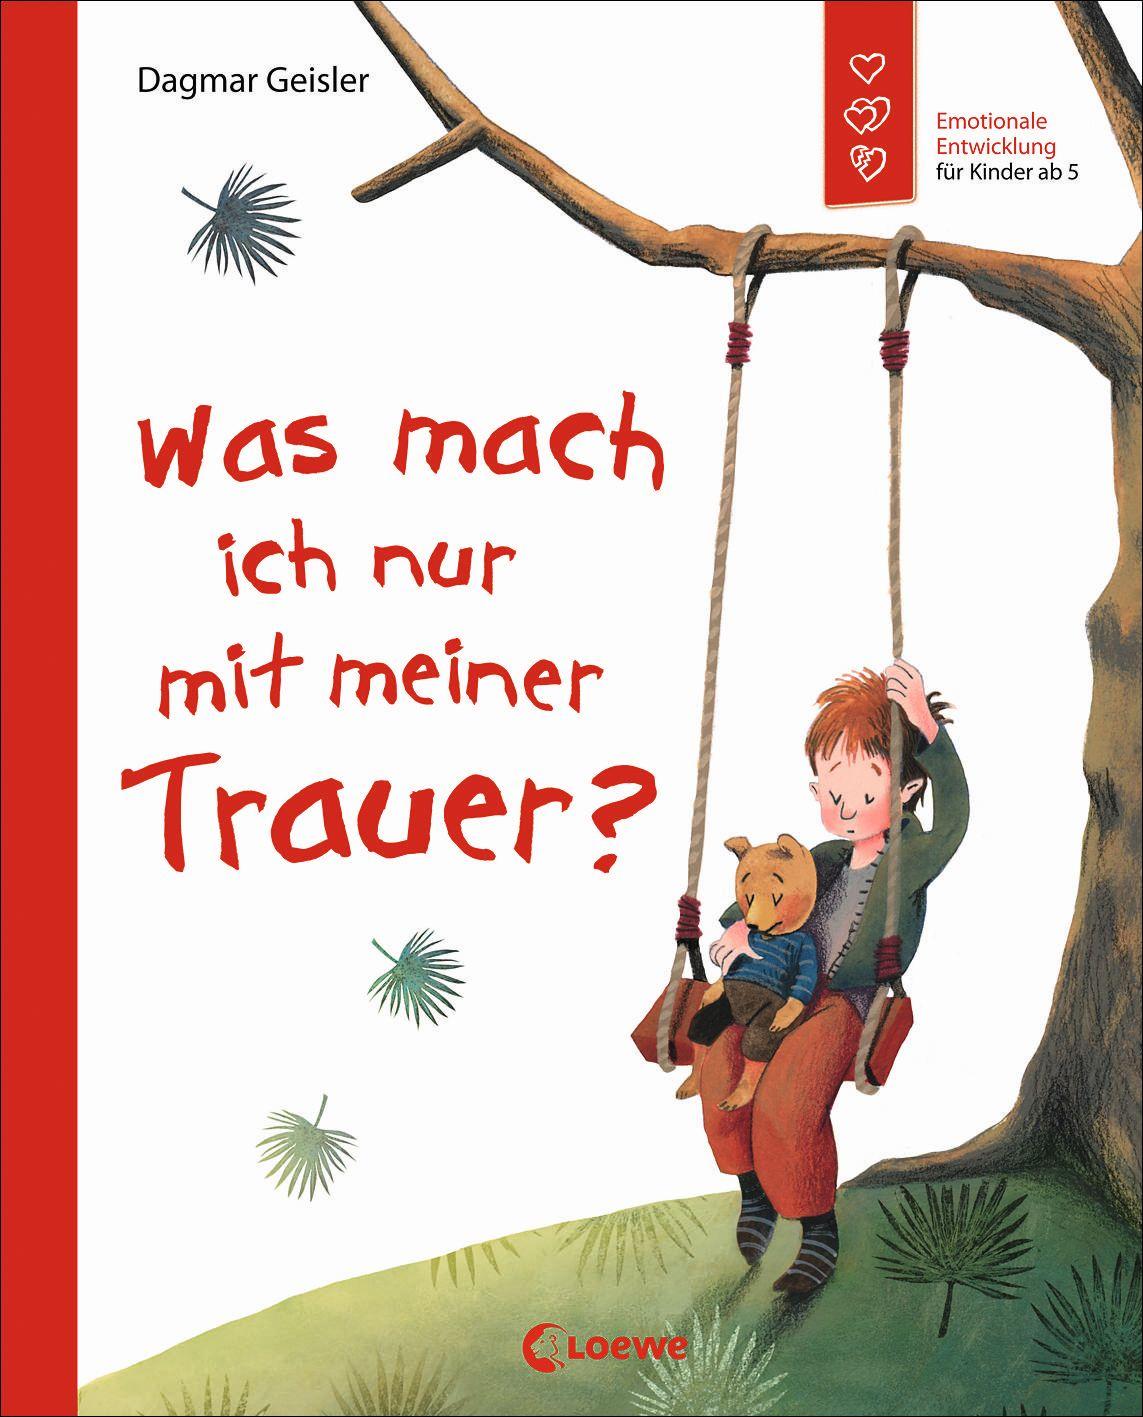 Was mach ich nur mit meiner Trauer? Das neue Kinderbuch von Dagmar Geissler entlastet Kinder und Erwachsene